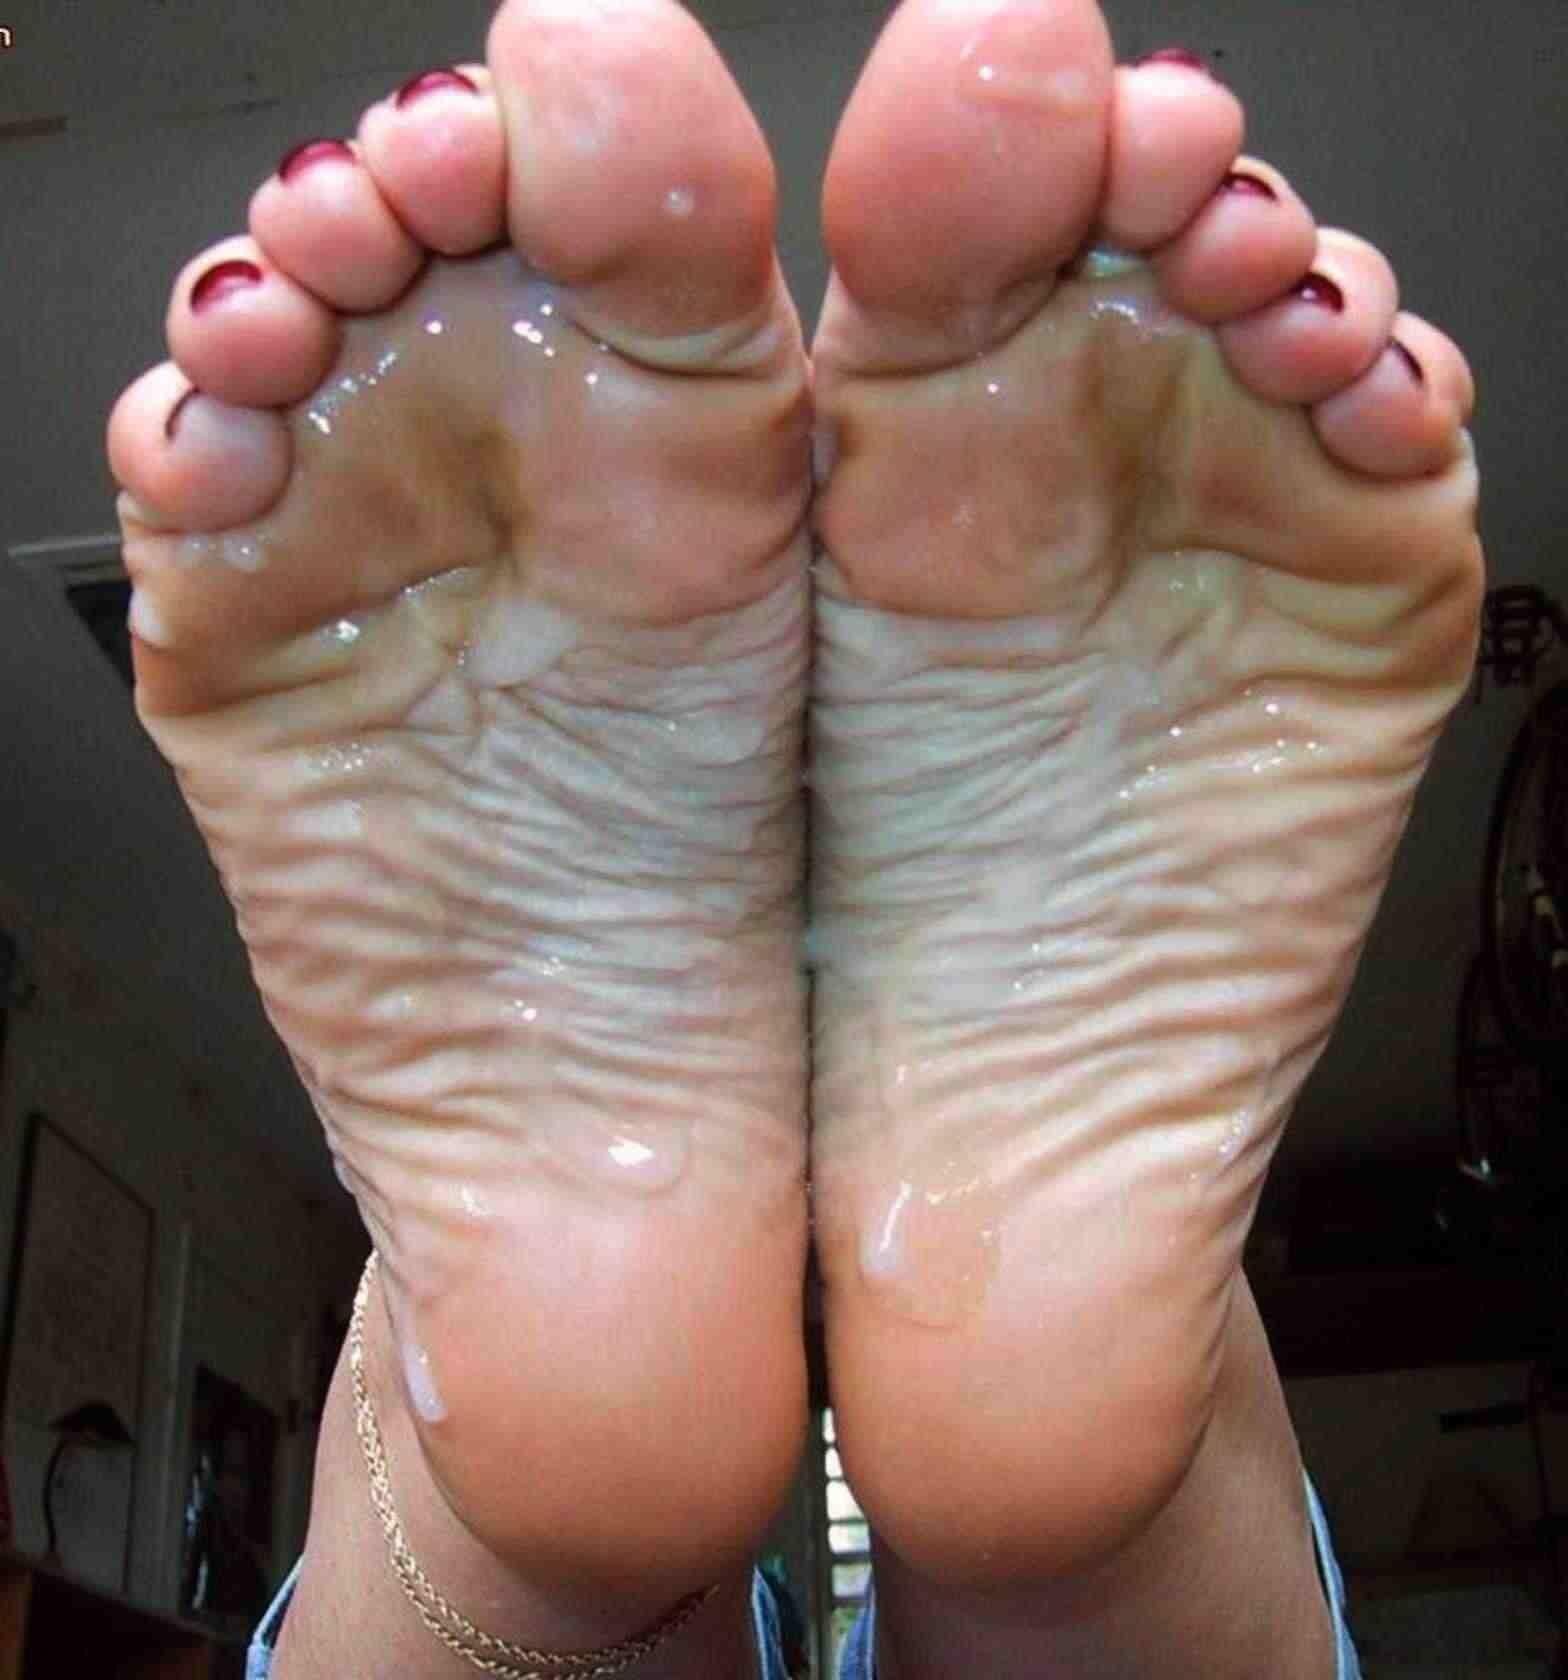 女の臭い足裏にザーメンぶっかけwww足フェチ素人エロ画像どんだけ~www 59